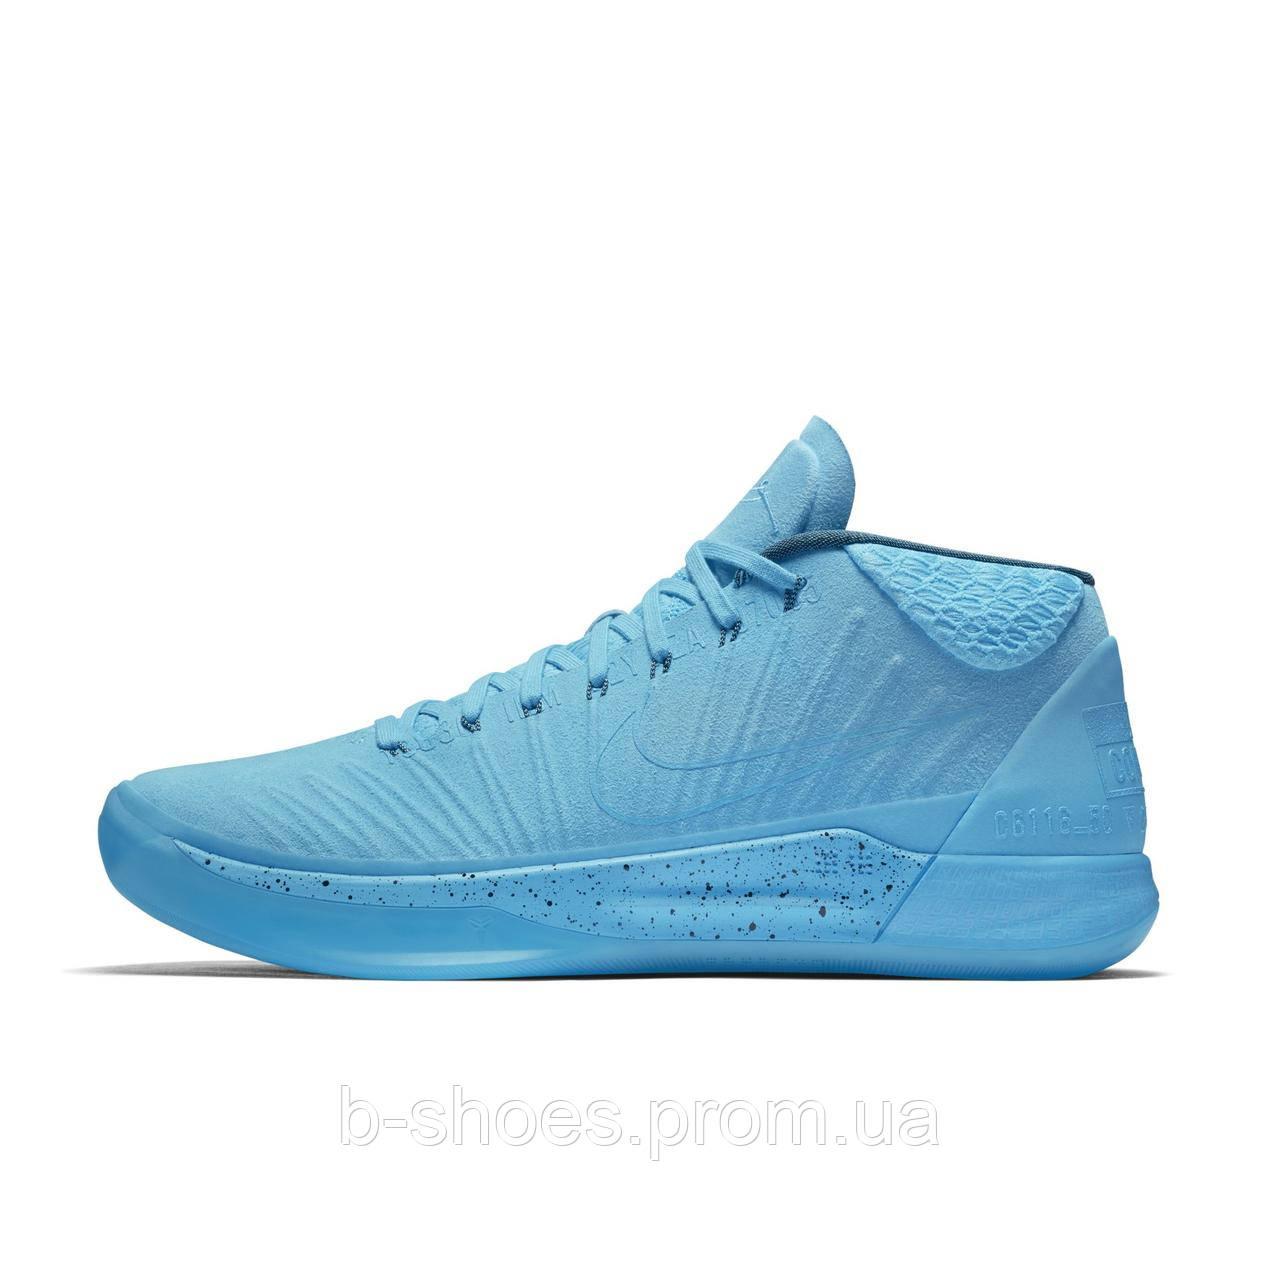 57932e1e Мужские баскетбольные кроссовки Nike Kobe A.D.Mid Fearless (Blue ...